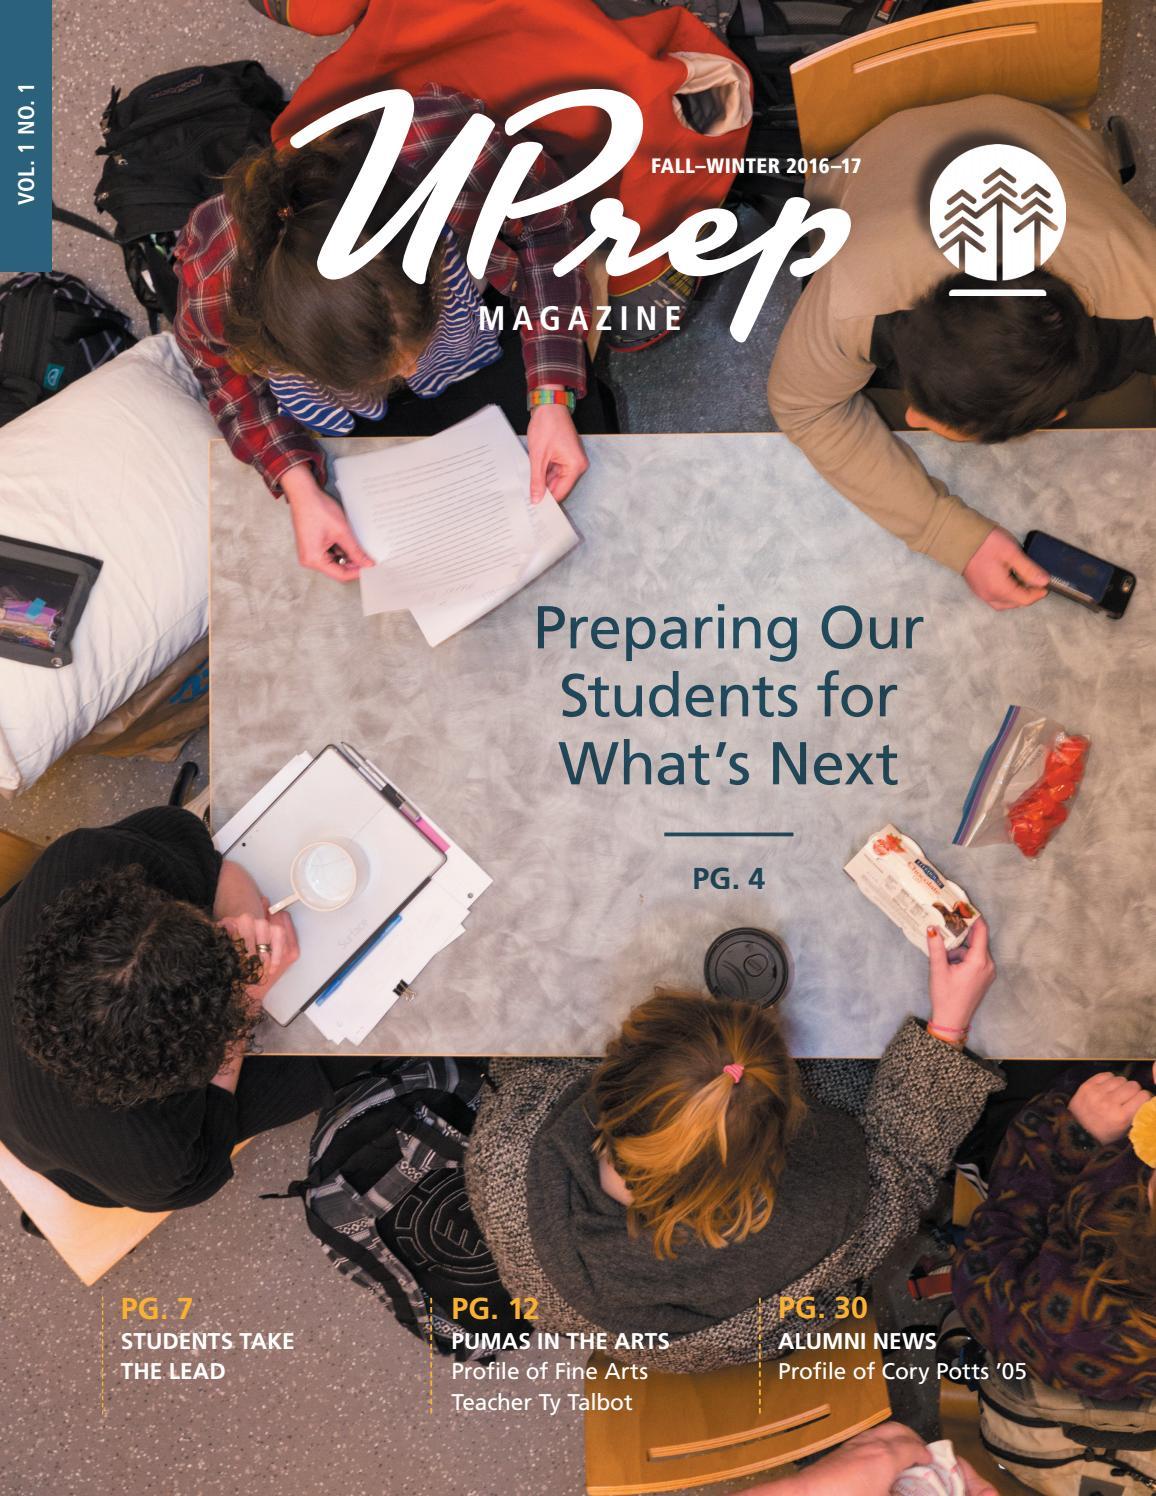 UPrep Magazine Vol 1 No By